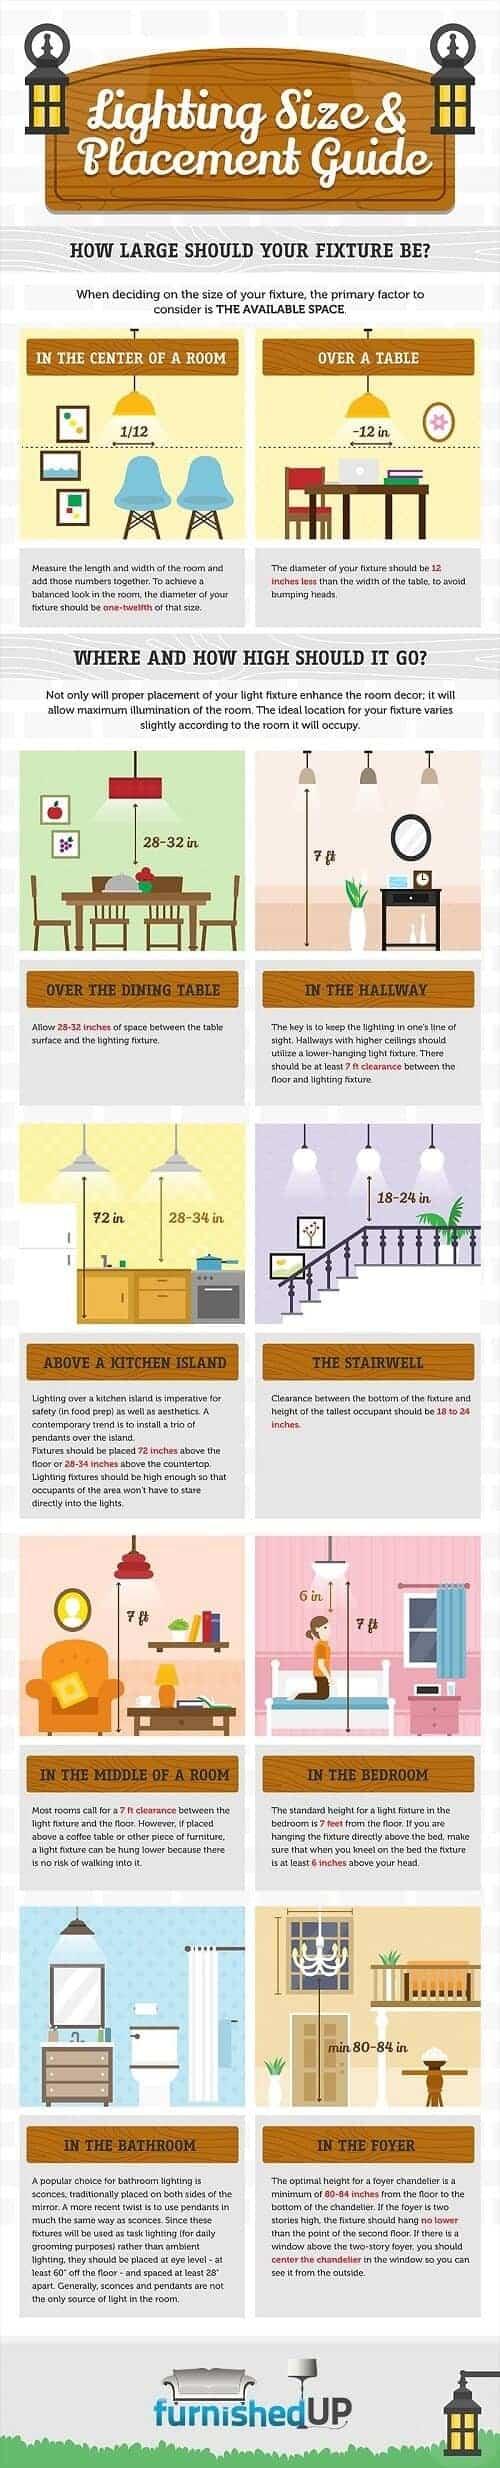 Reglas para decidir el tamaño y ubicación de las luces #infografía